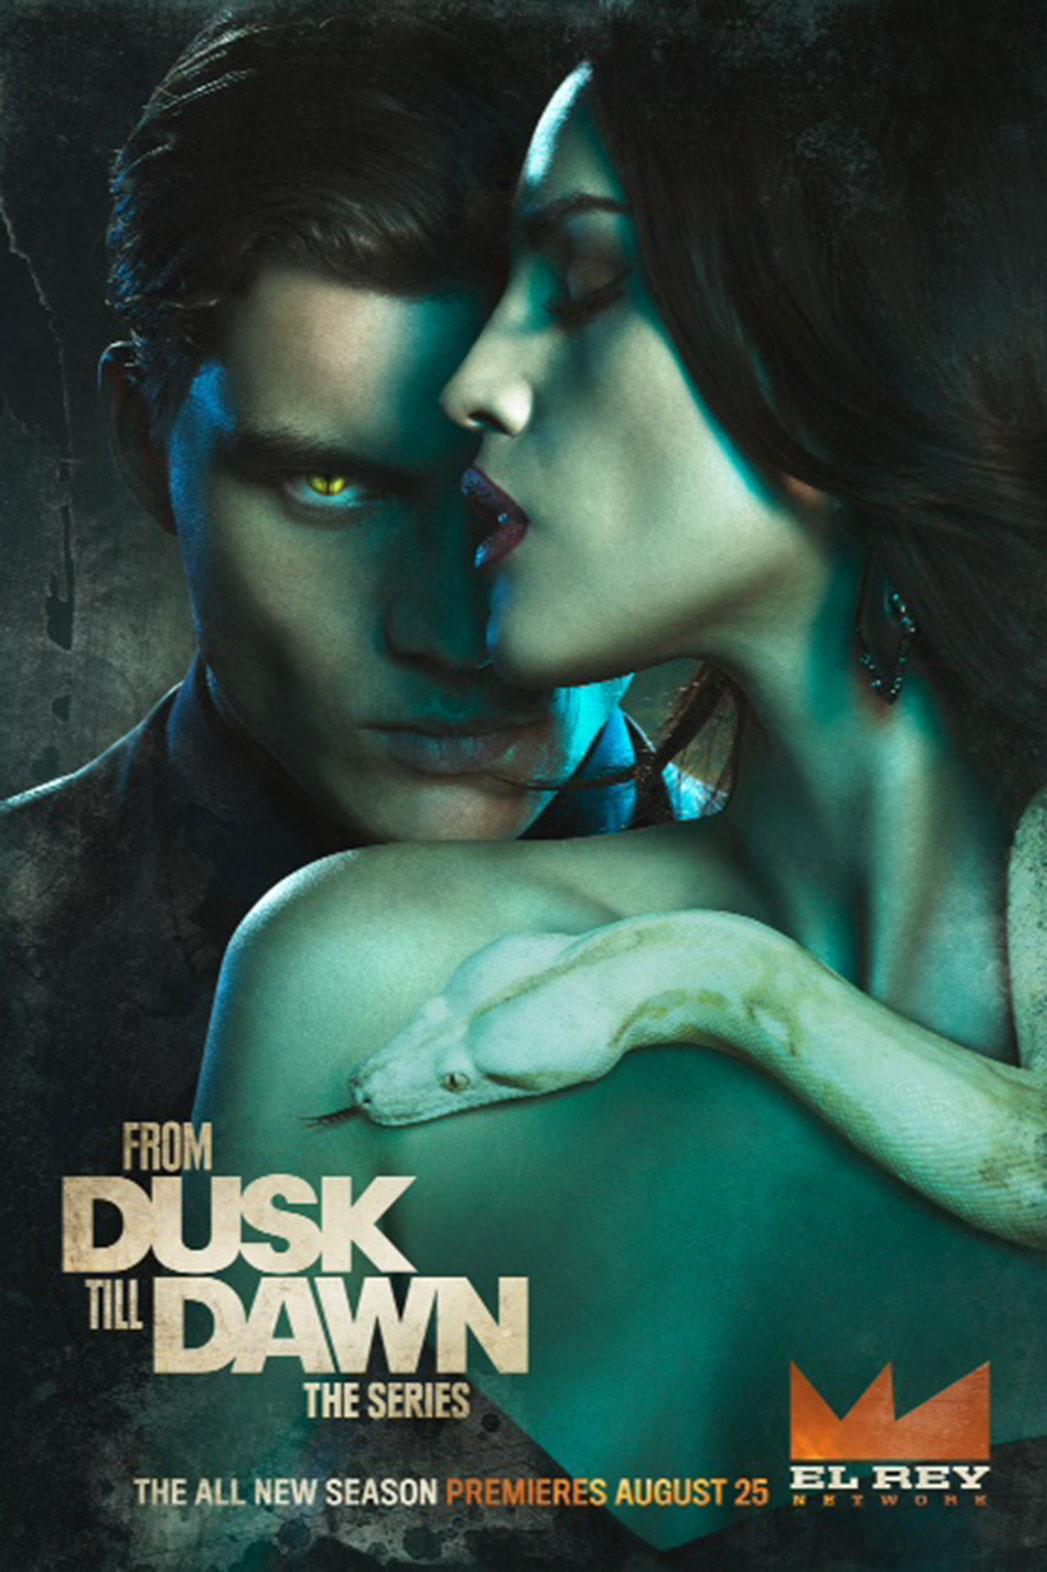 Dusk to Dawn Season 2 - P 2015